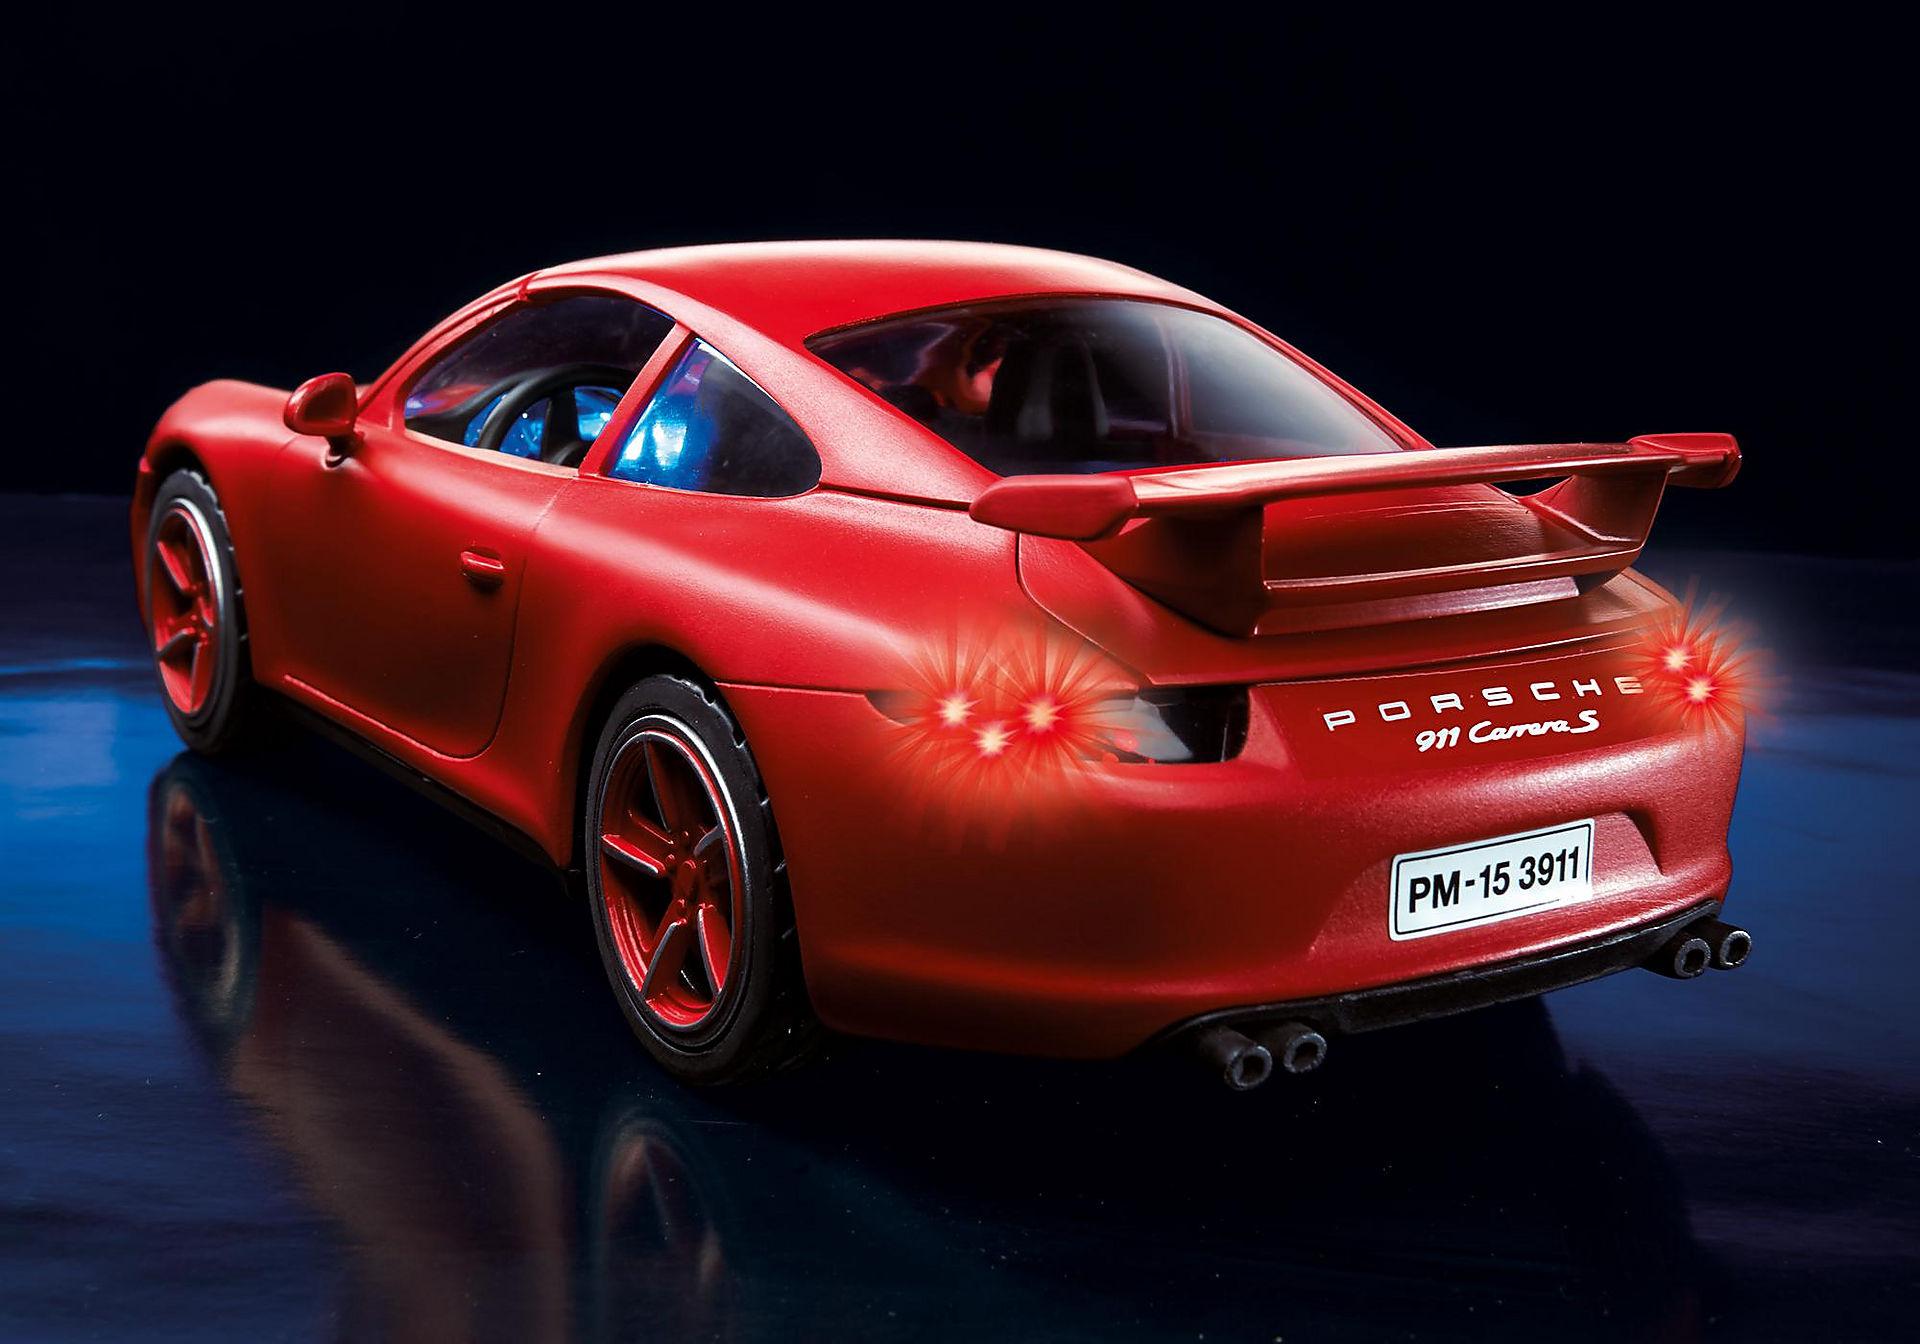 http://media.playmobil.com/i/playmobil/3911_product_extra2/Porsche 911 Carrera S